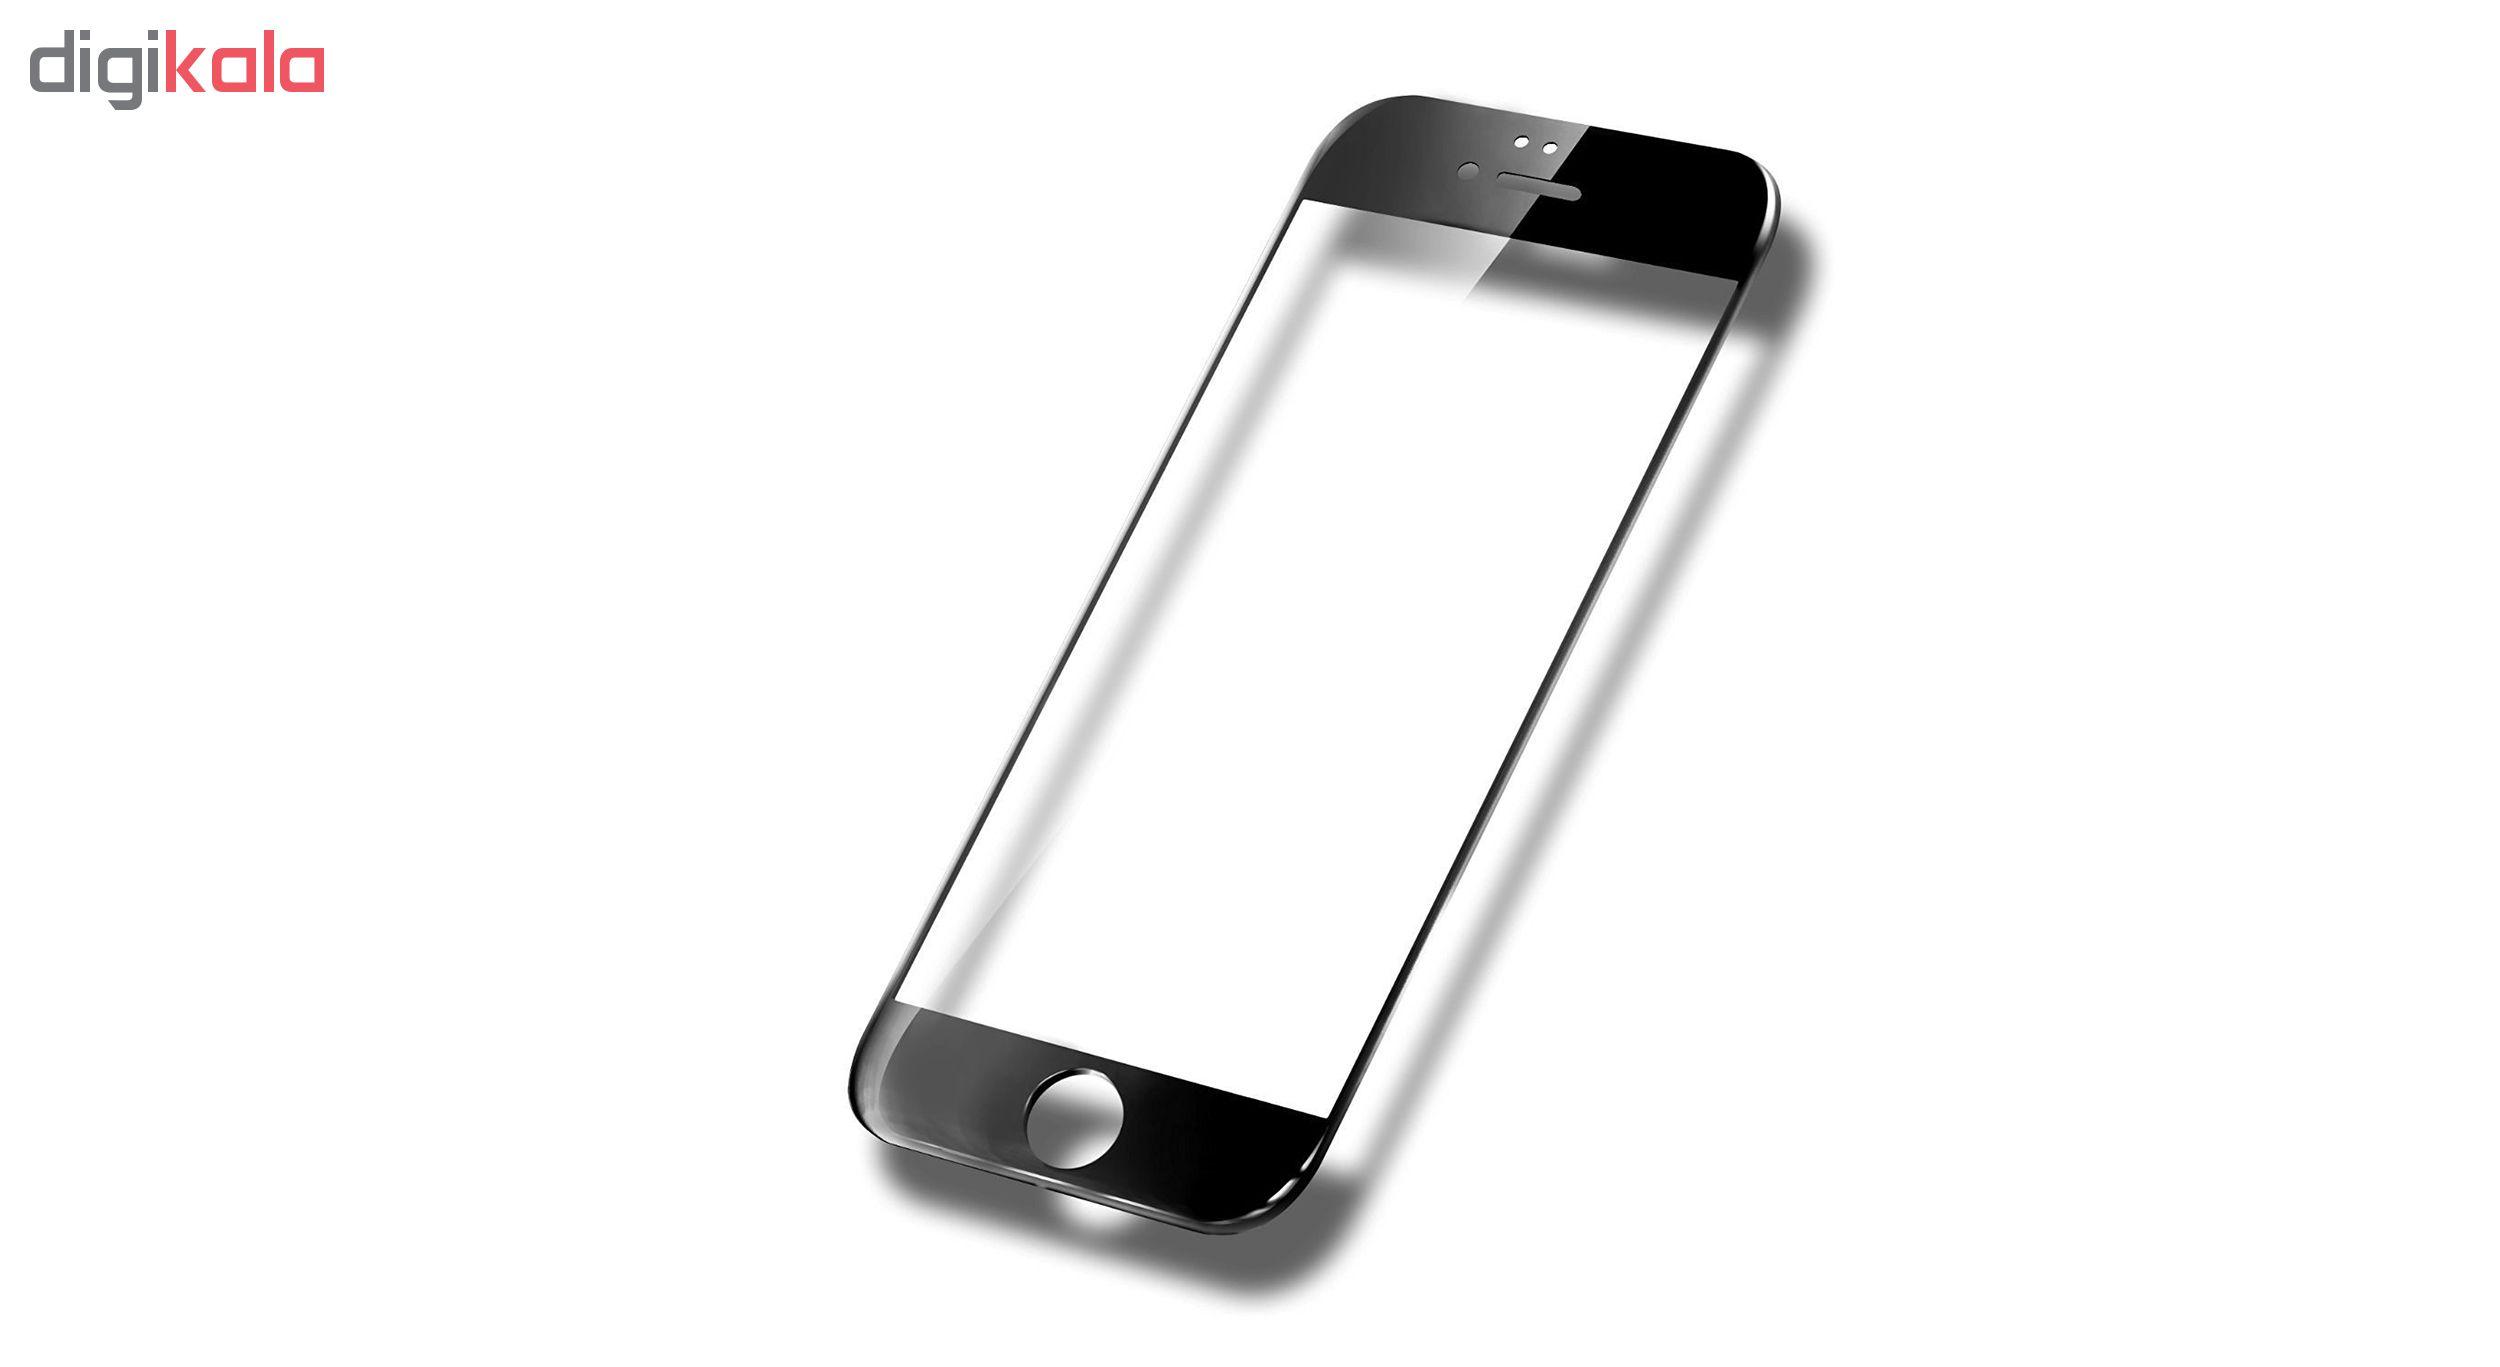 محافظ صفحه نمایش سومگ مدل 9-Nitro مناسب برای گوشی موبایل اپل Iphone 6s Plus  main 1 3